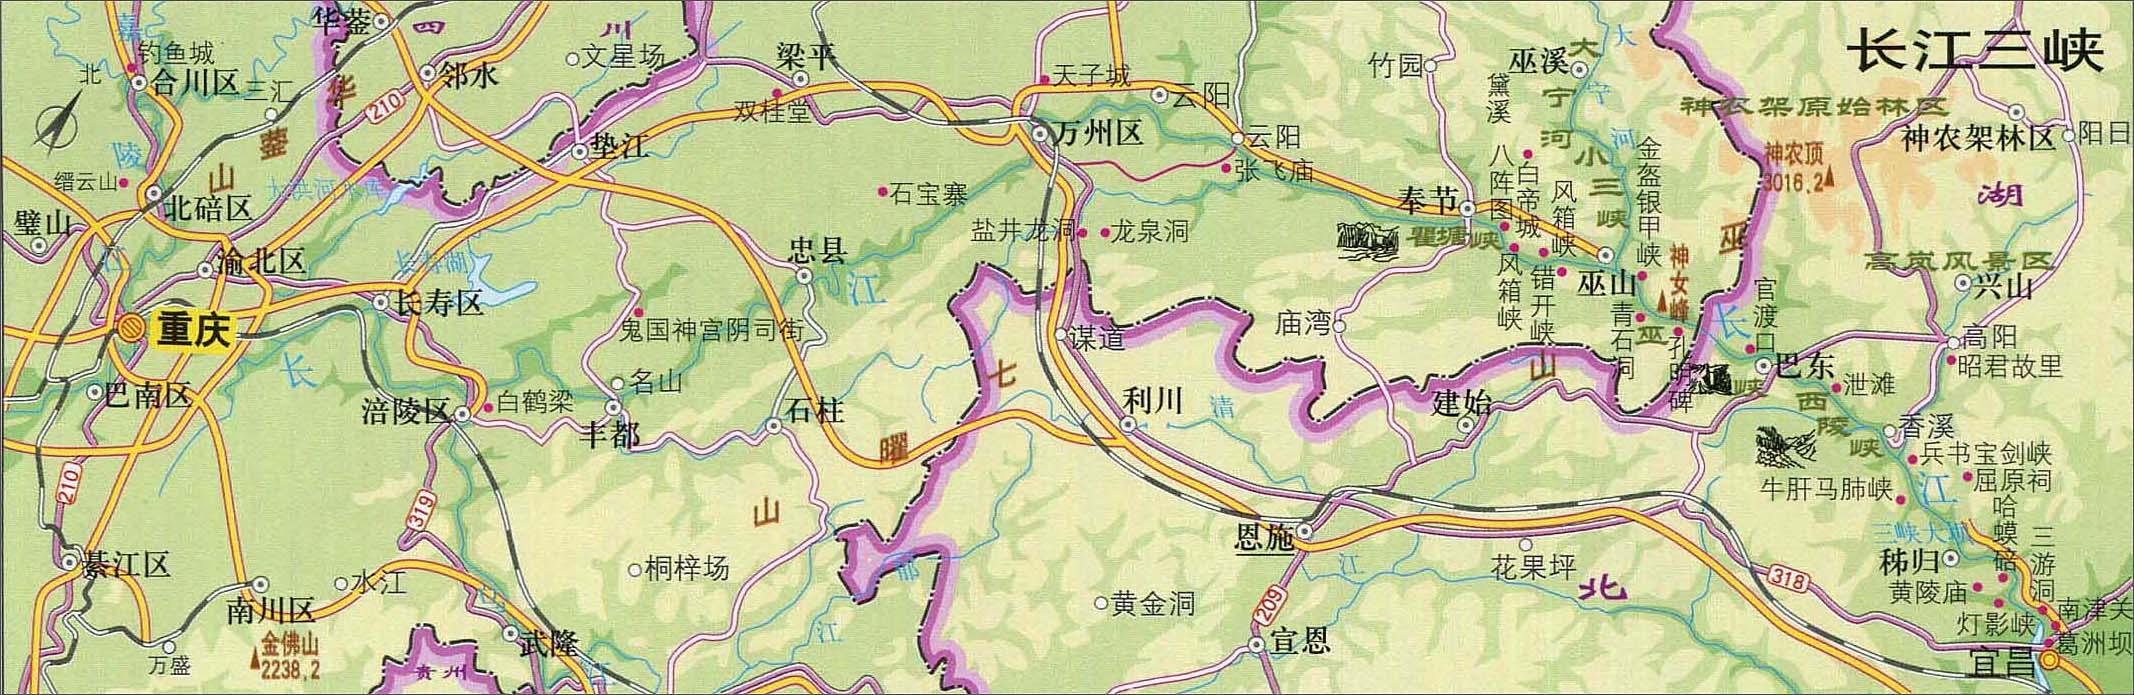 地图库 旅游地图 重庆旅游 >> 长江三峡旅游地图  景点导航:世界旅游